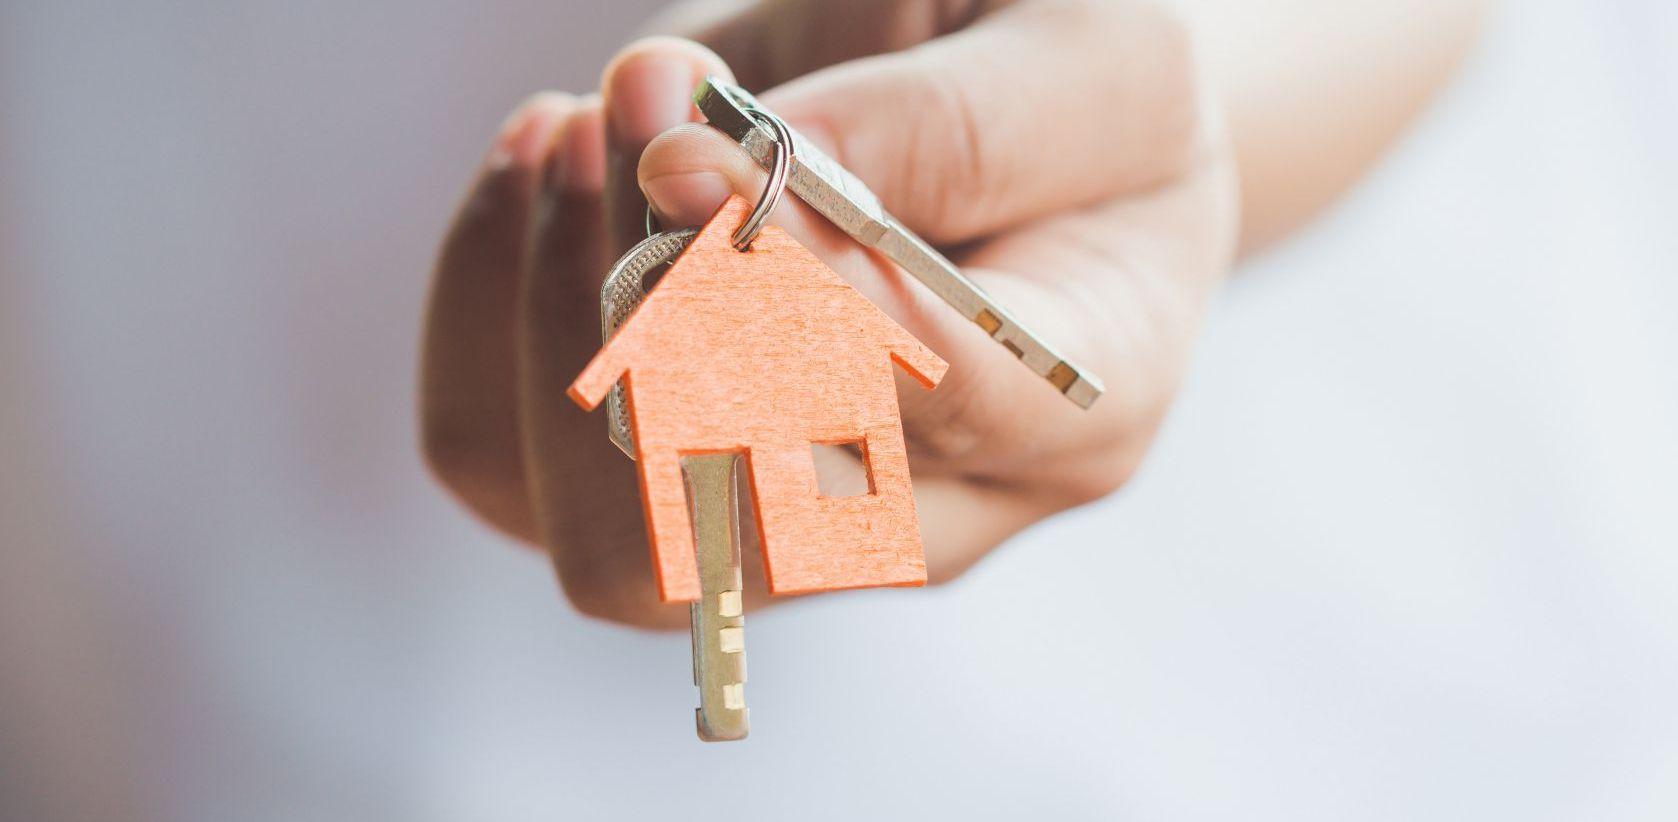 窮人才要買房?錯!窮人買房會讓你愈買愈窮!